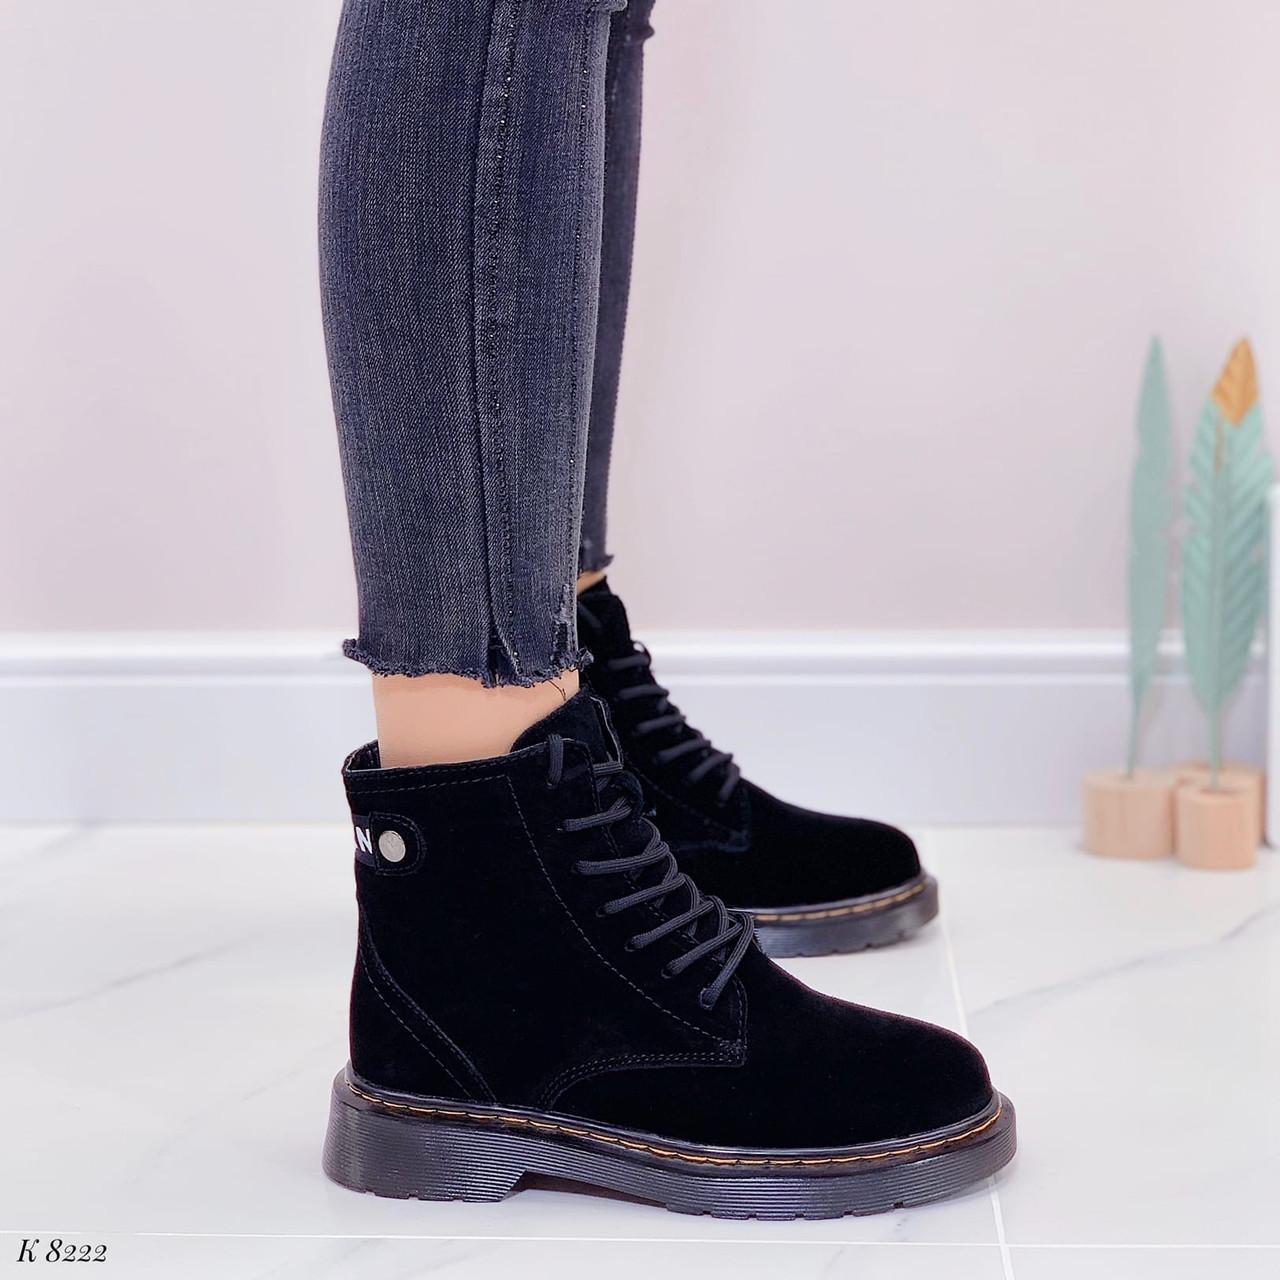 Женские ботинки ЗИМА / зимние черные натуральный замш